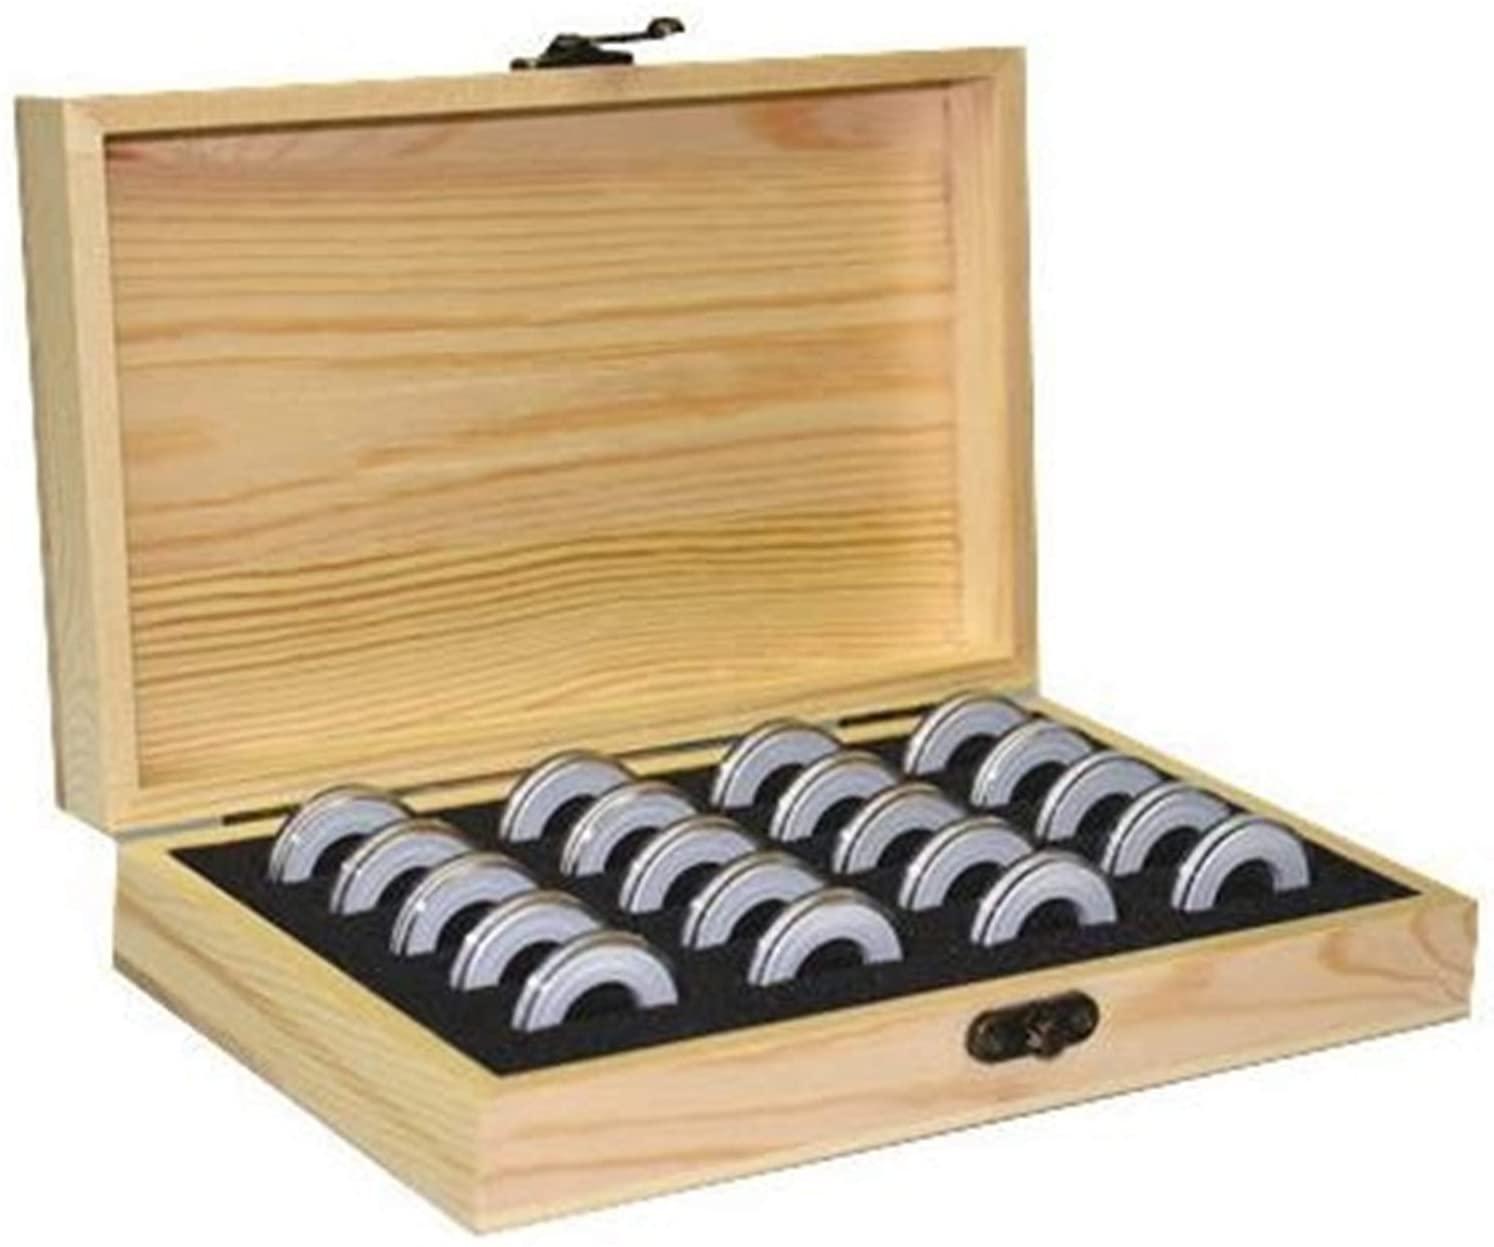 人気商品 木製 コイン コレクション ケース 径5種対応 当店限定販売 記念 硬貨 コインカプセル付き ボックス 店舗 収納 20枚